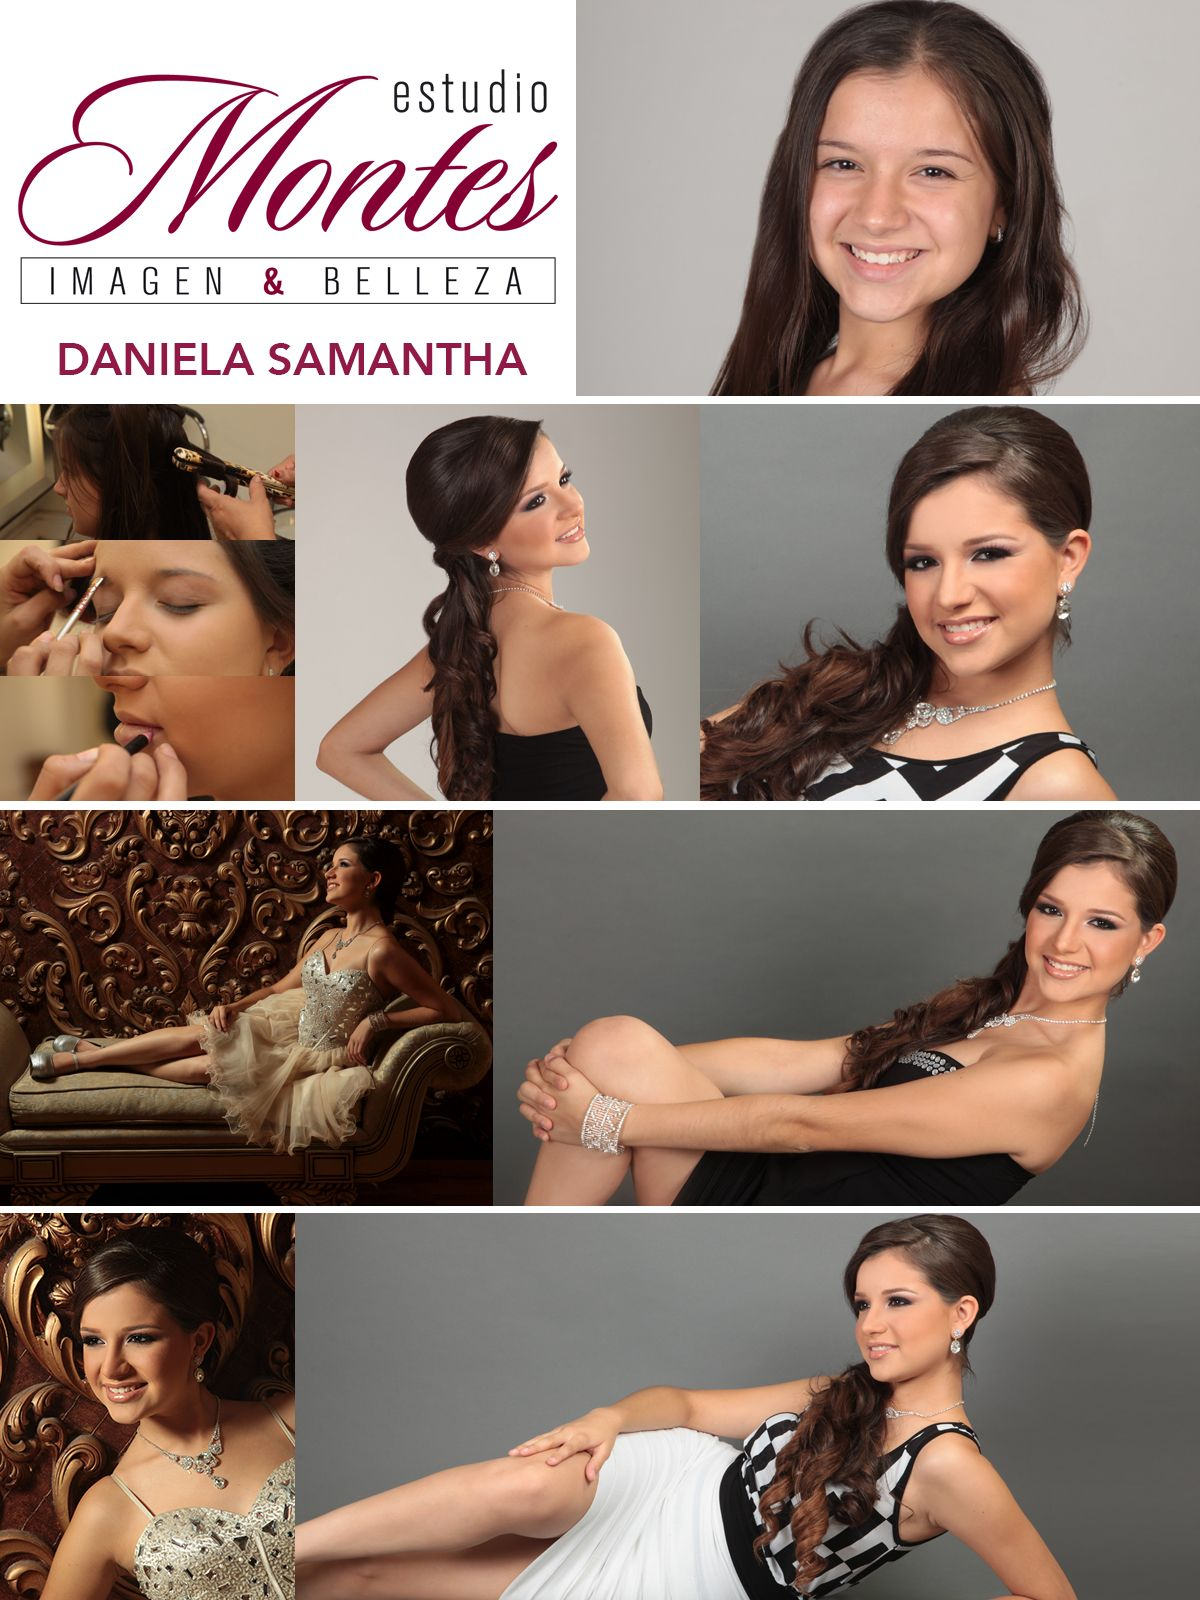 Proceso de maquillaje, peinado y fotografías de Daniela Samantha con Estudio Montes.